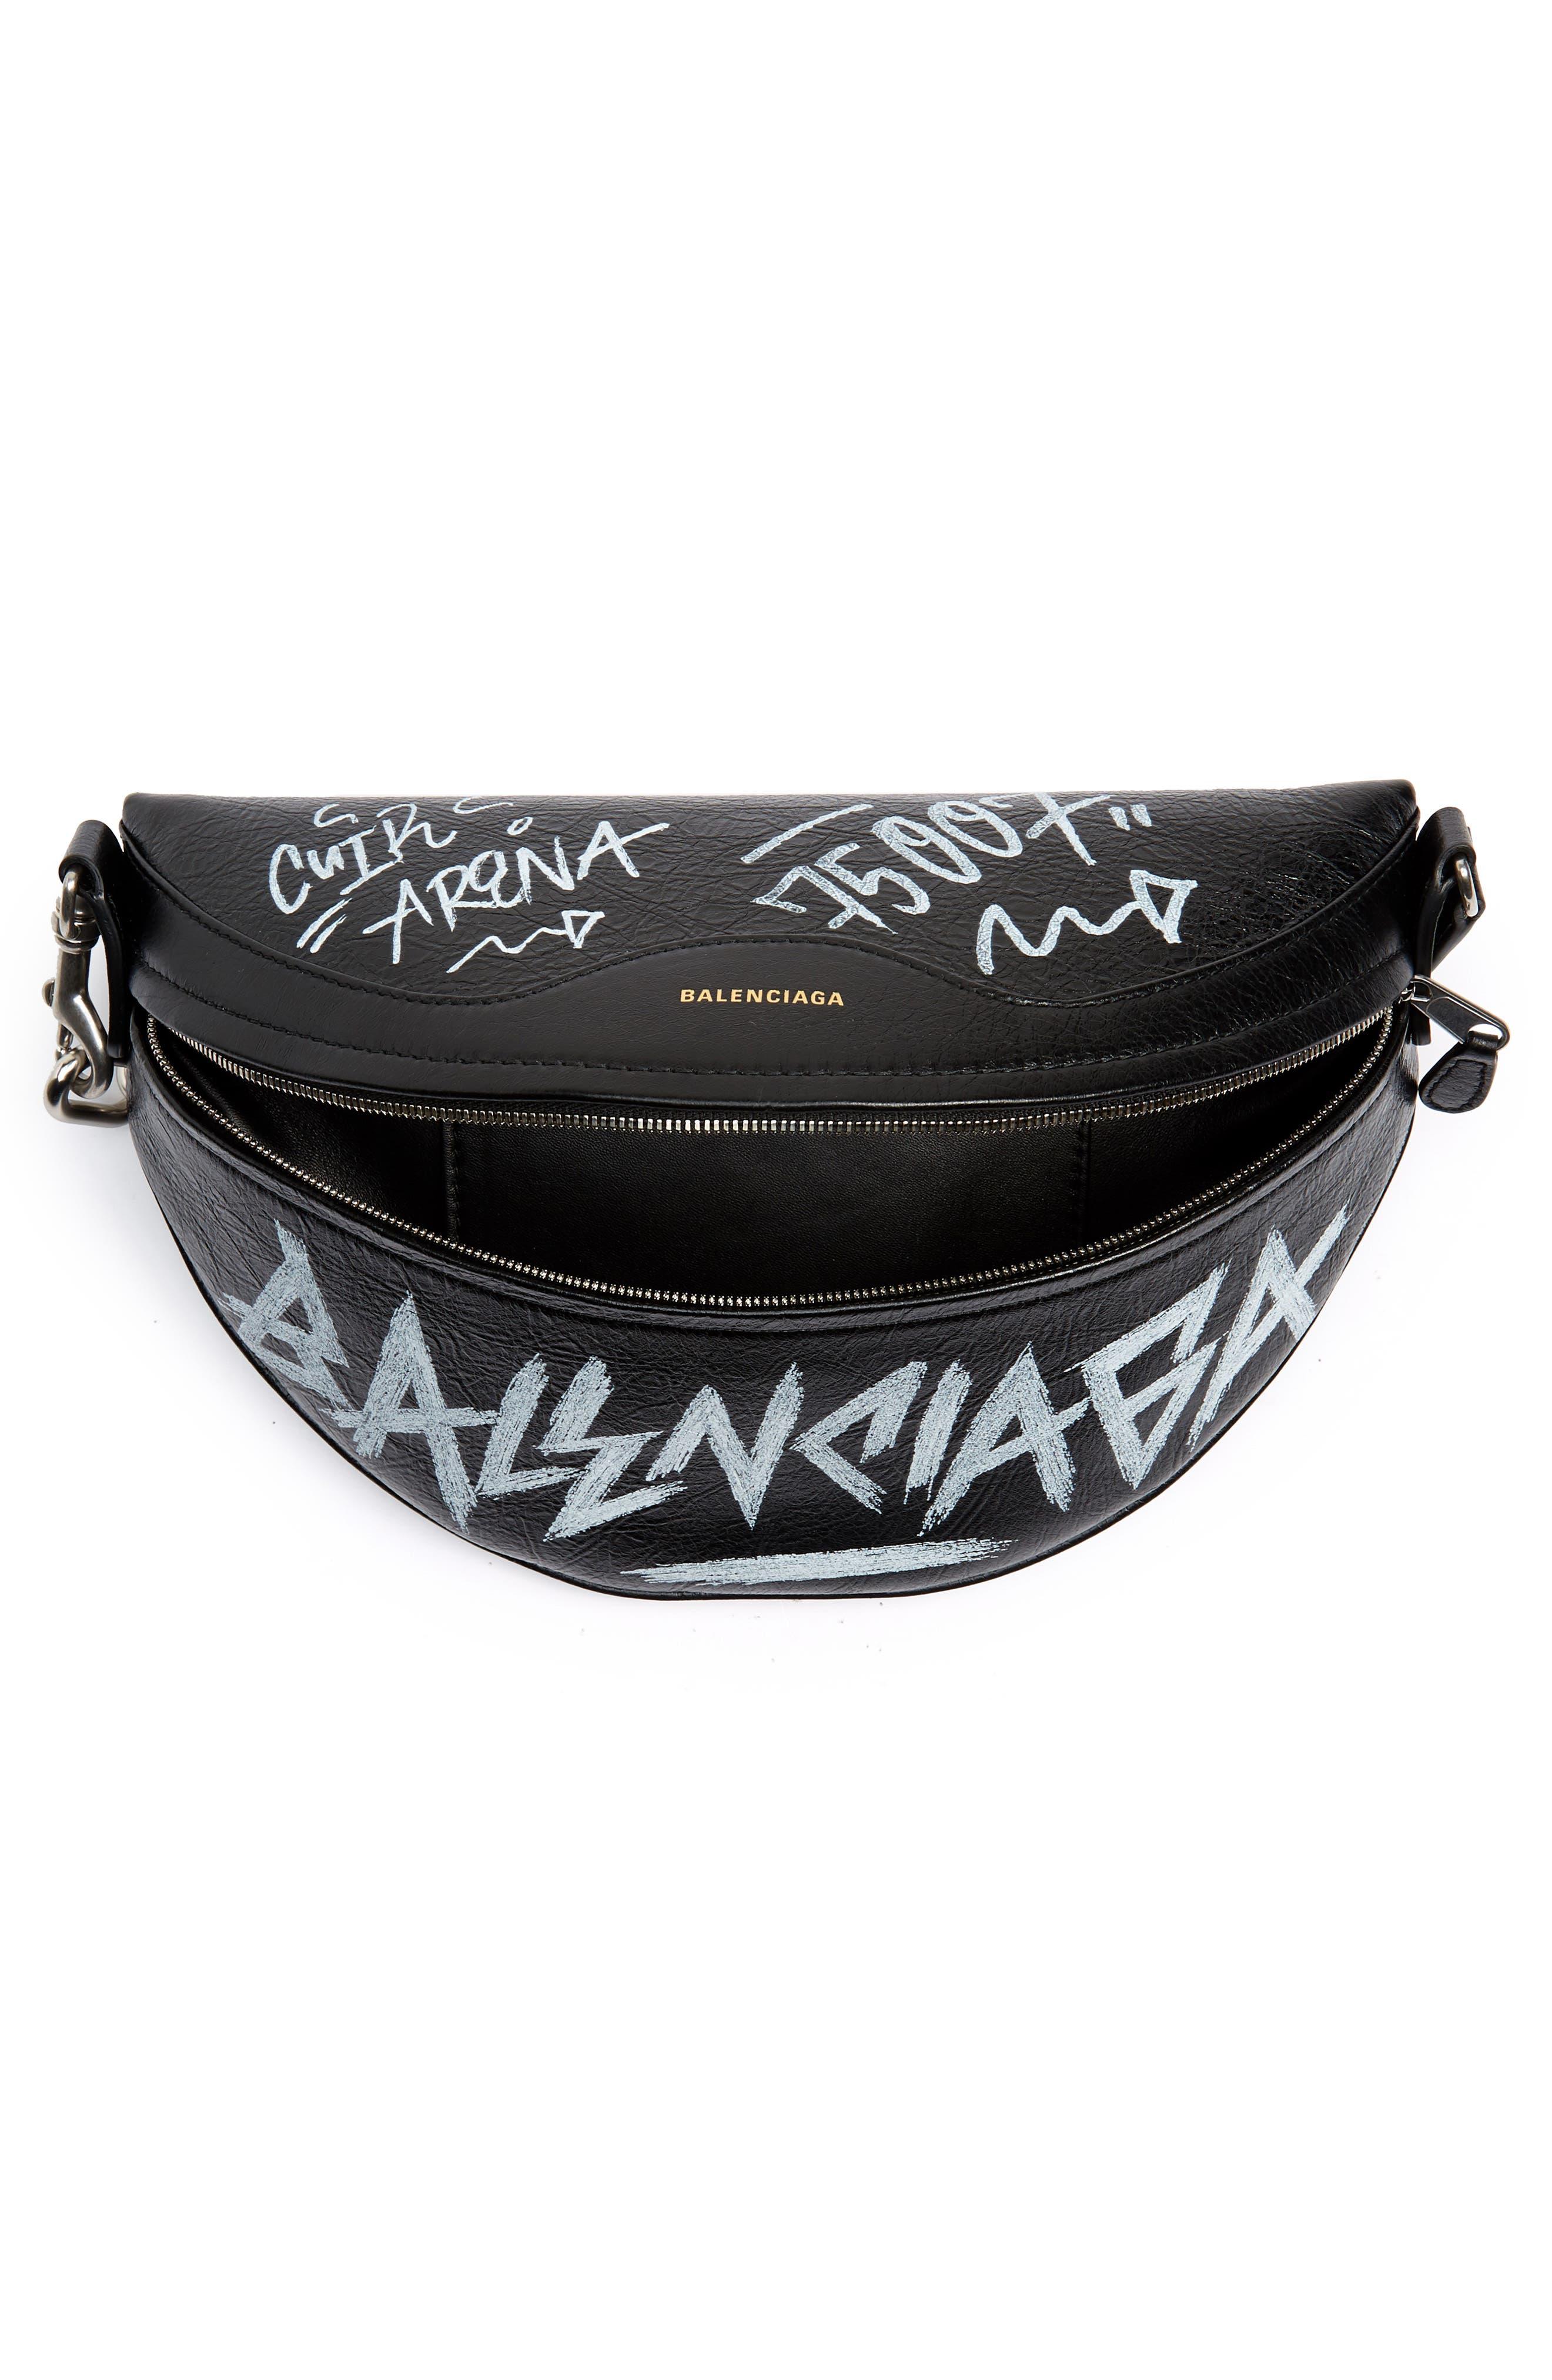 Graffiti Souvenir Leather Belt Bag,                             Alternate thumbnail 5, color,                             NOIR/ BLANC